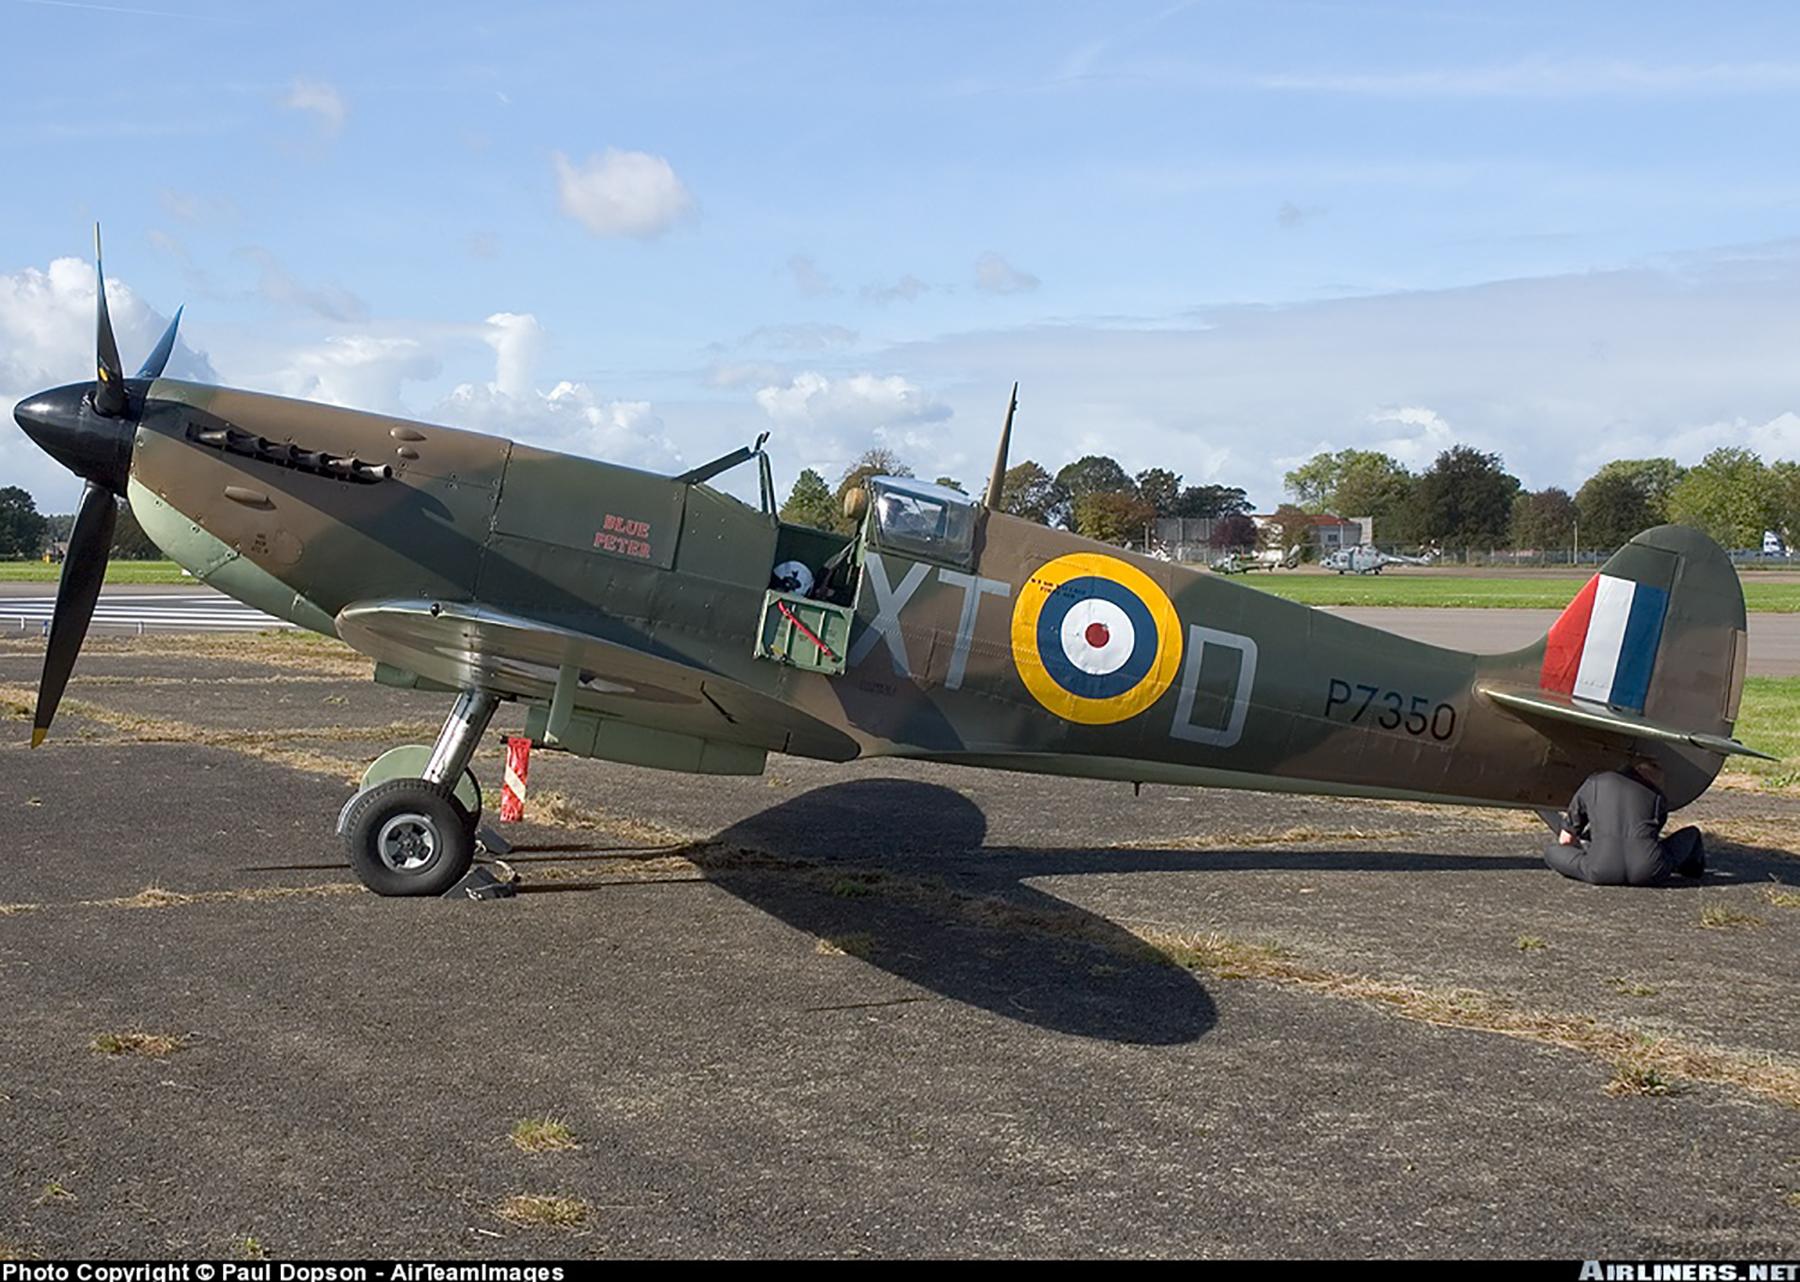 Airworthy Spitfire warbird RAF 603Sqn XTD P7350 04